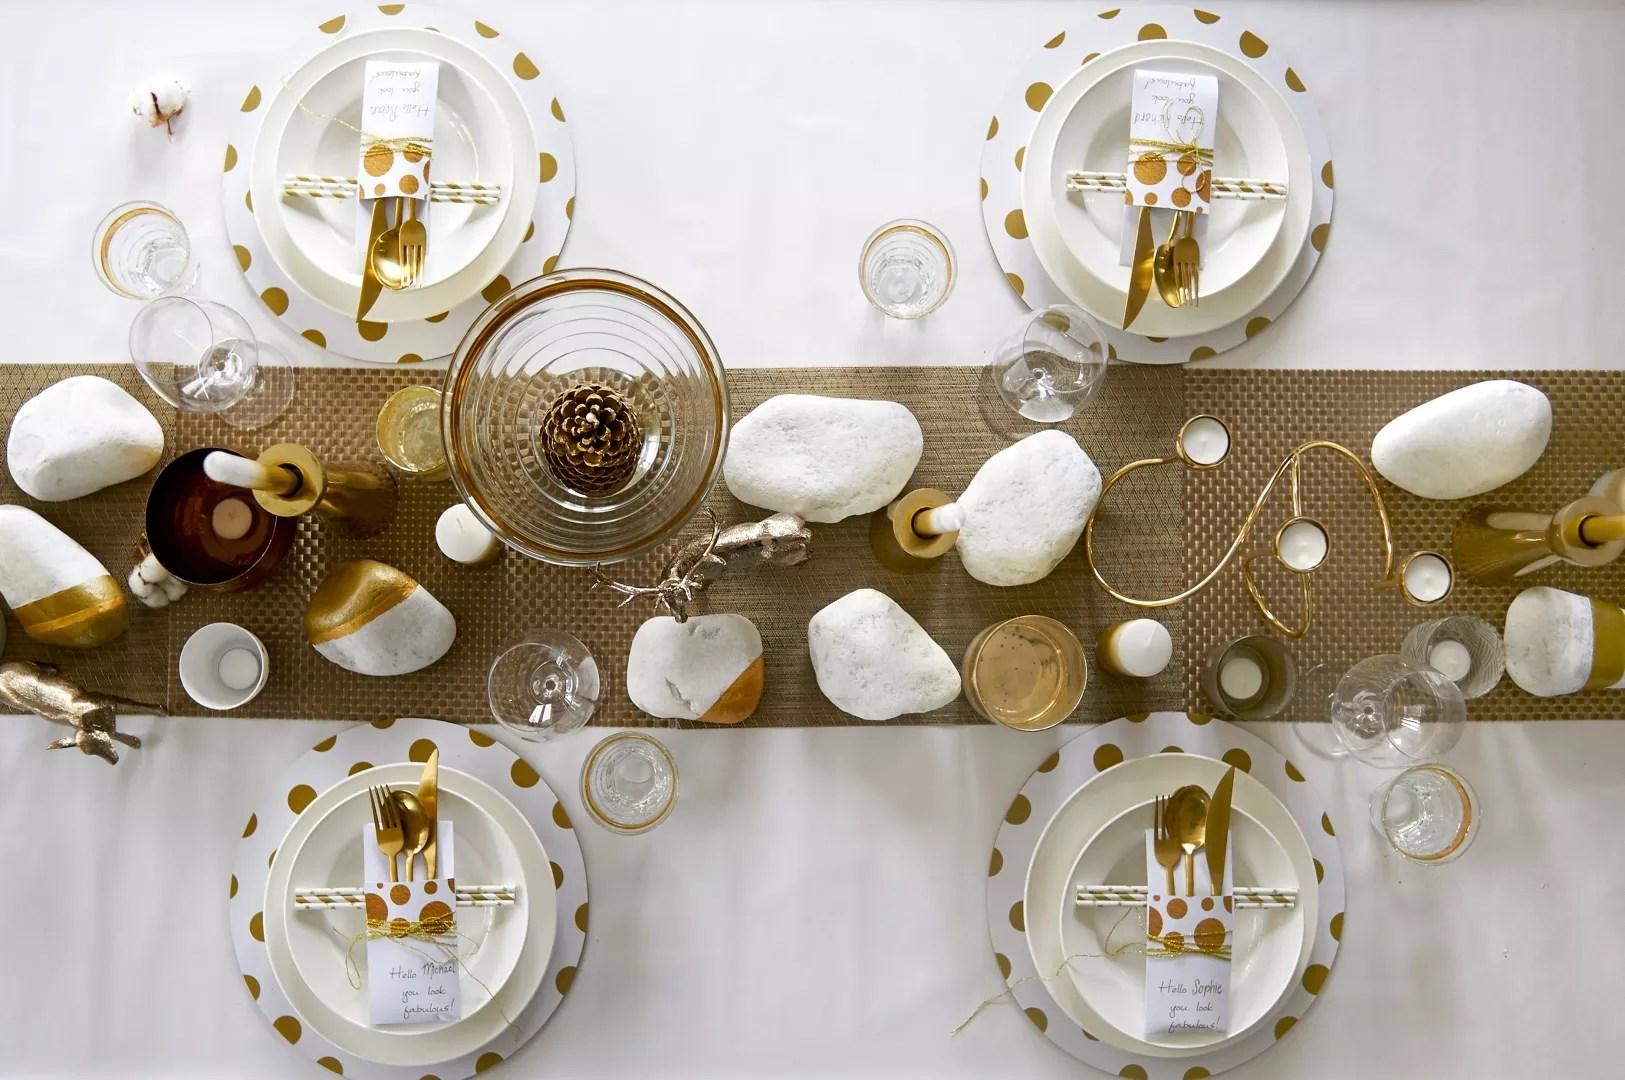 Feestdagen Kersttafel Aankleden : Feestdagen kersttrends feestelijke tafel in goud & wit